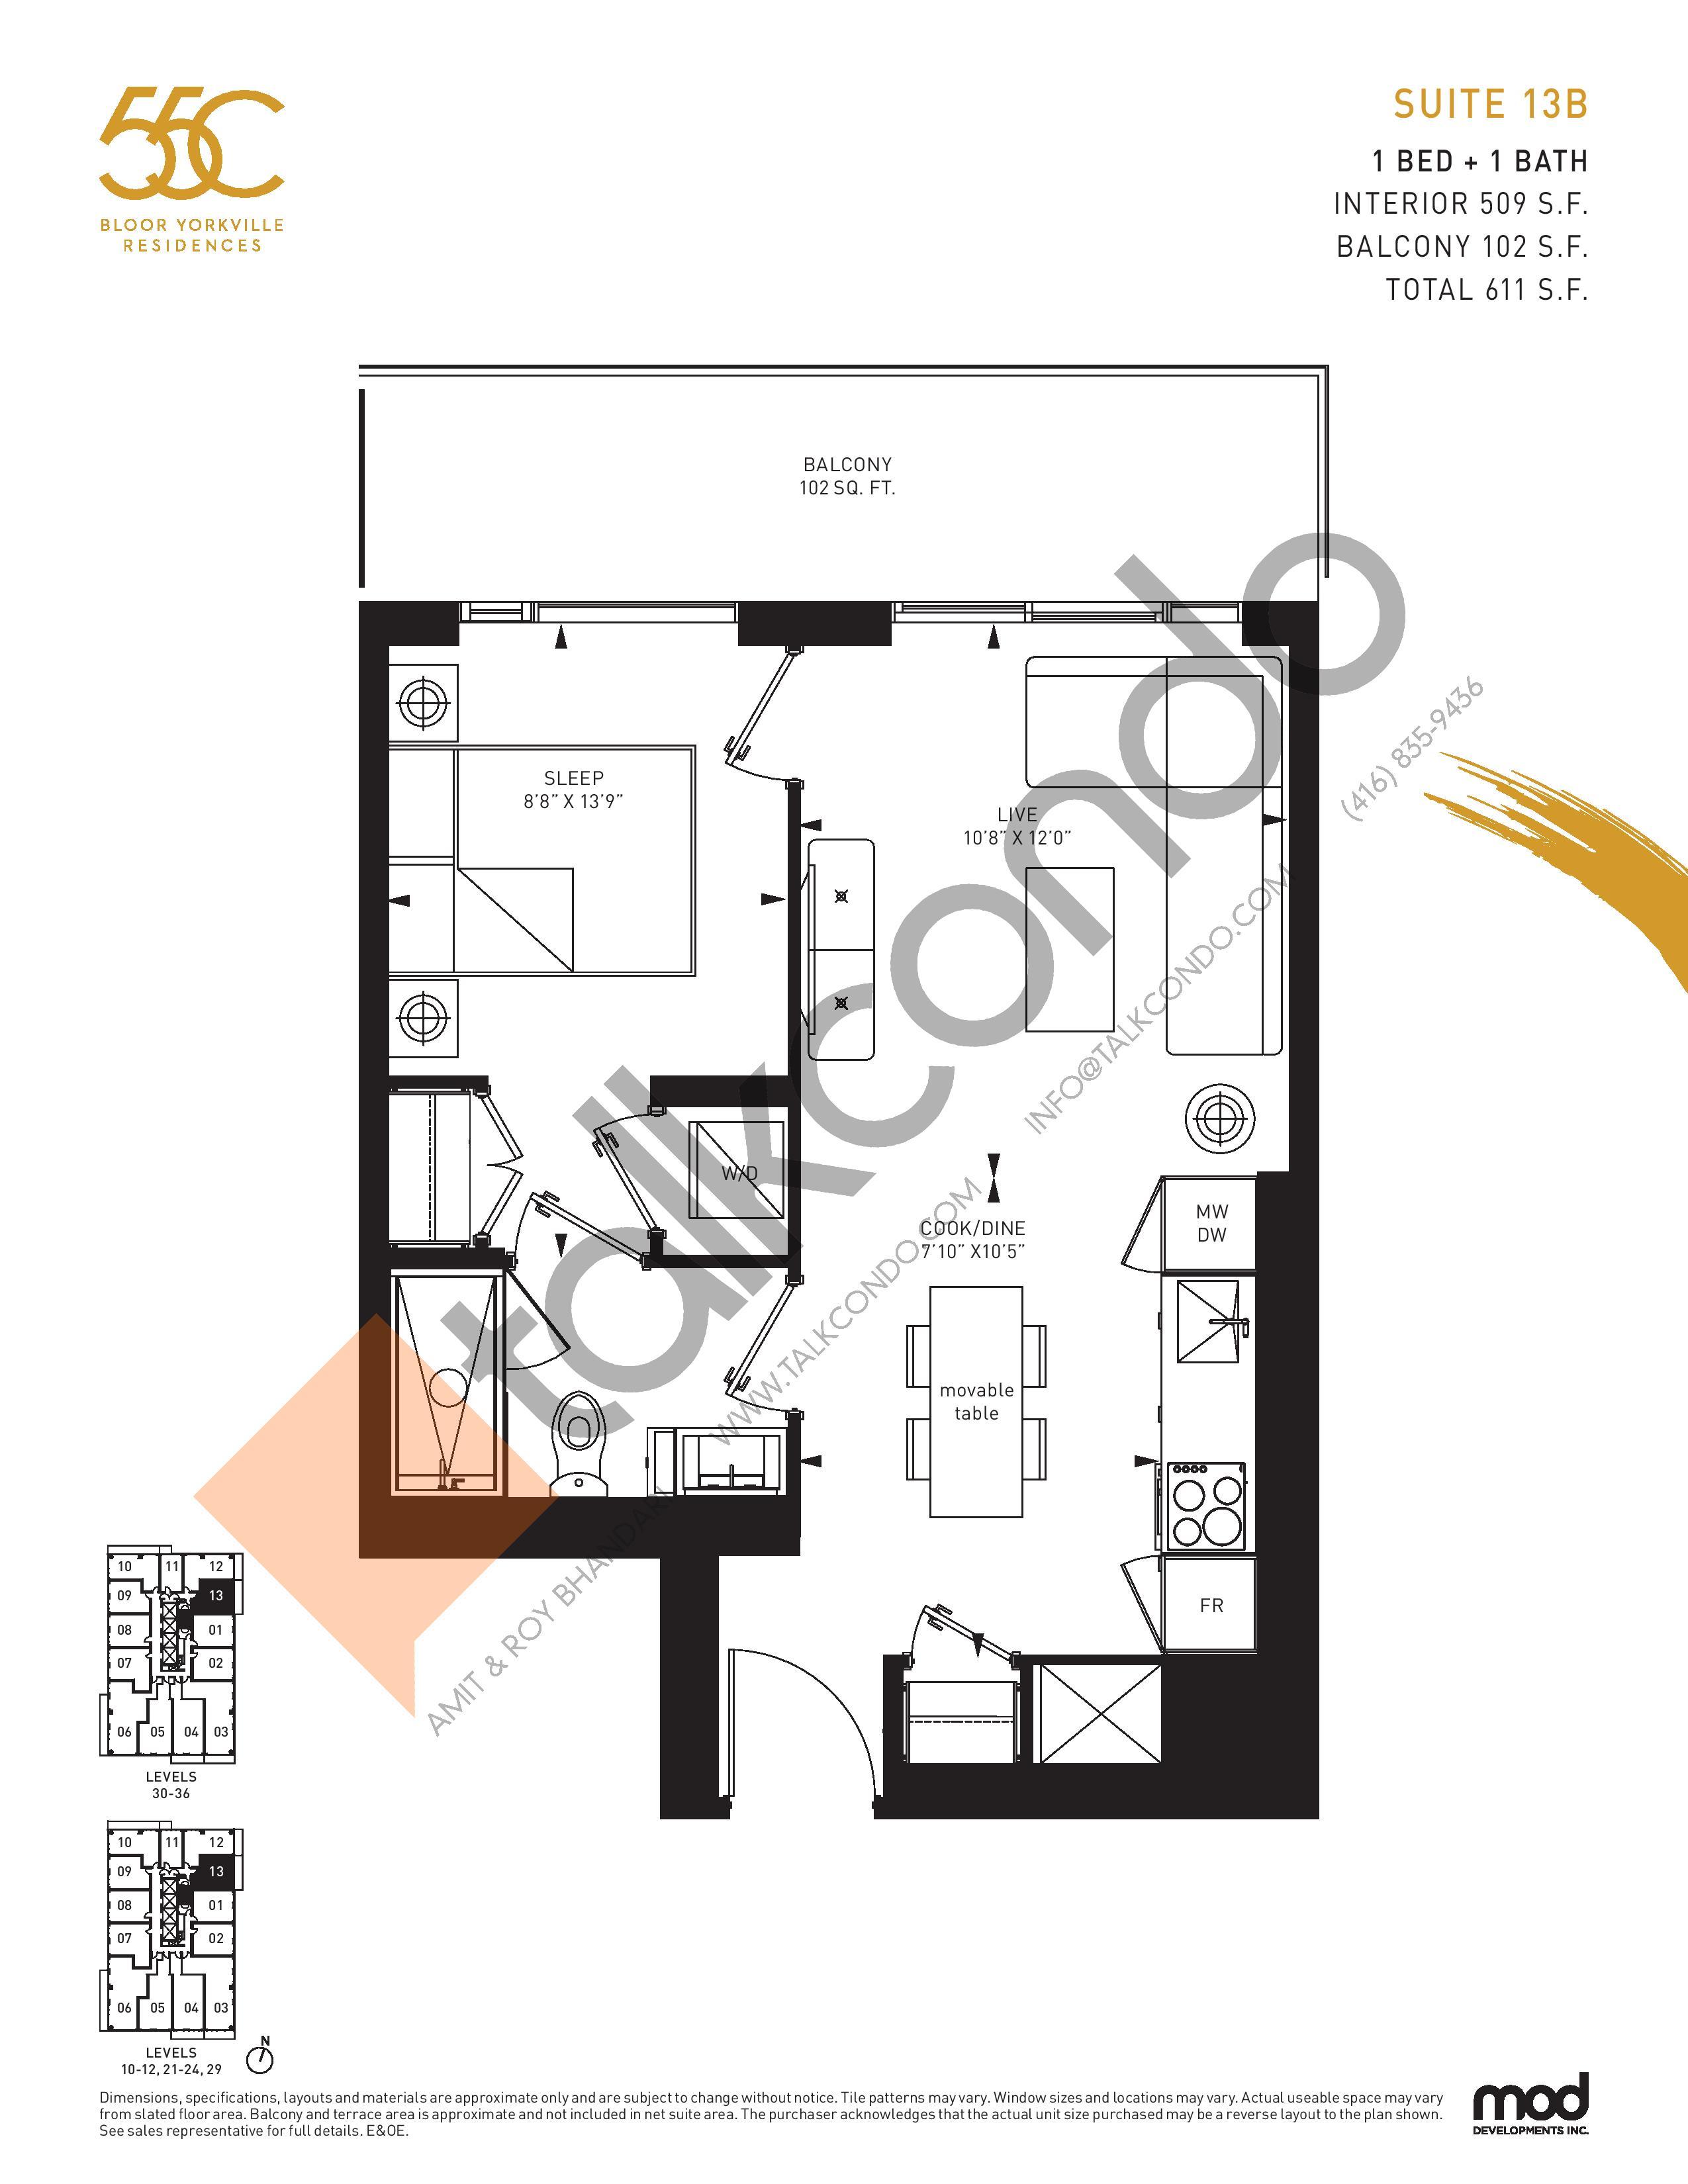 Suite 13B Floor Plan at 55C Condos - 509 sq.ft